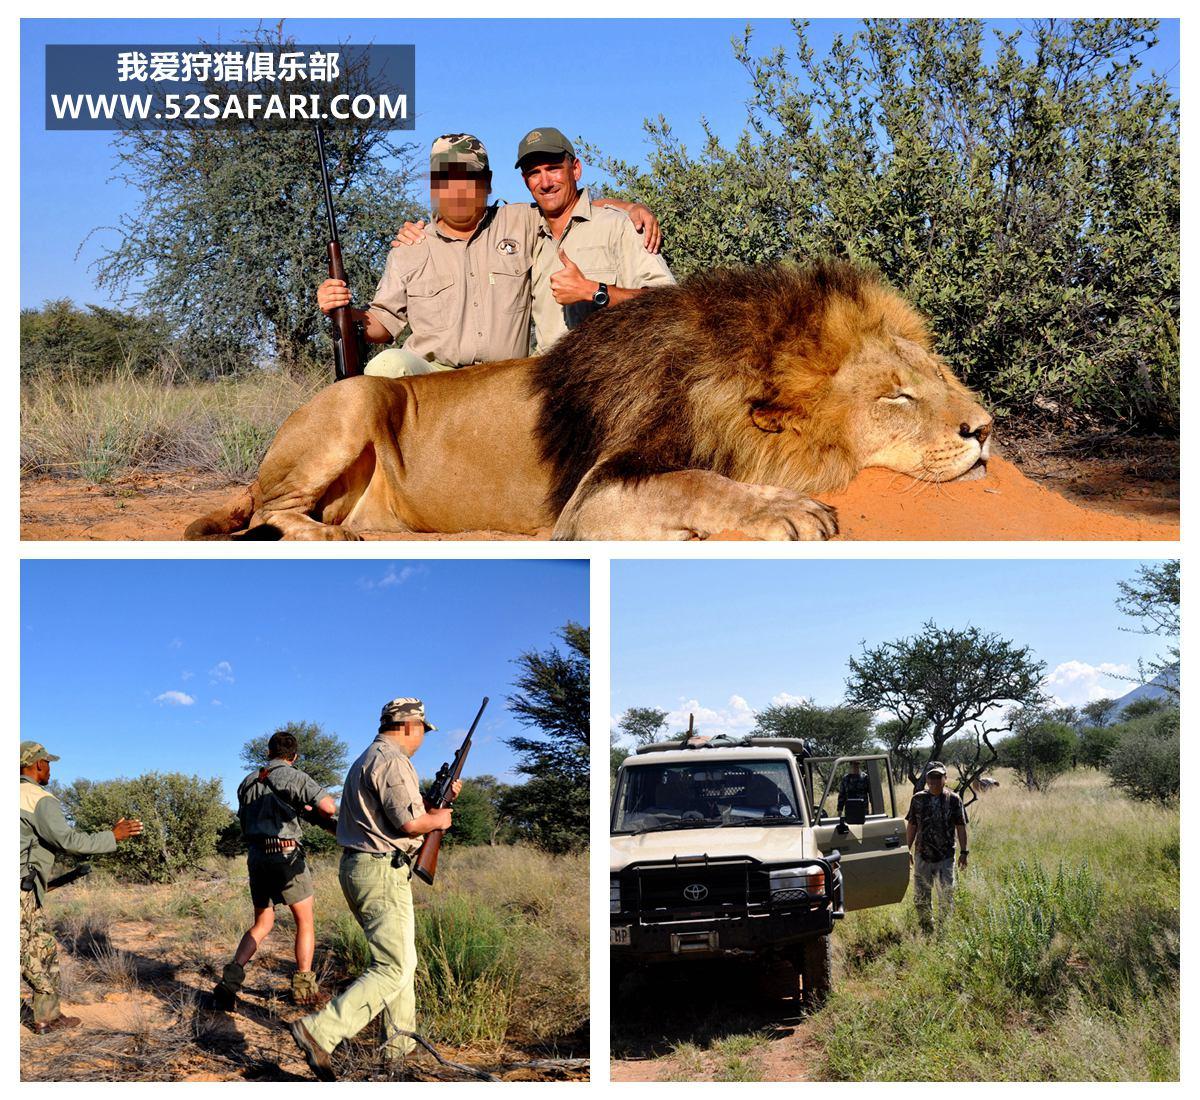 狮子狩猎 非洲狮狩猎 狮子狩猎费 狮子狩猎团